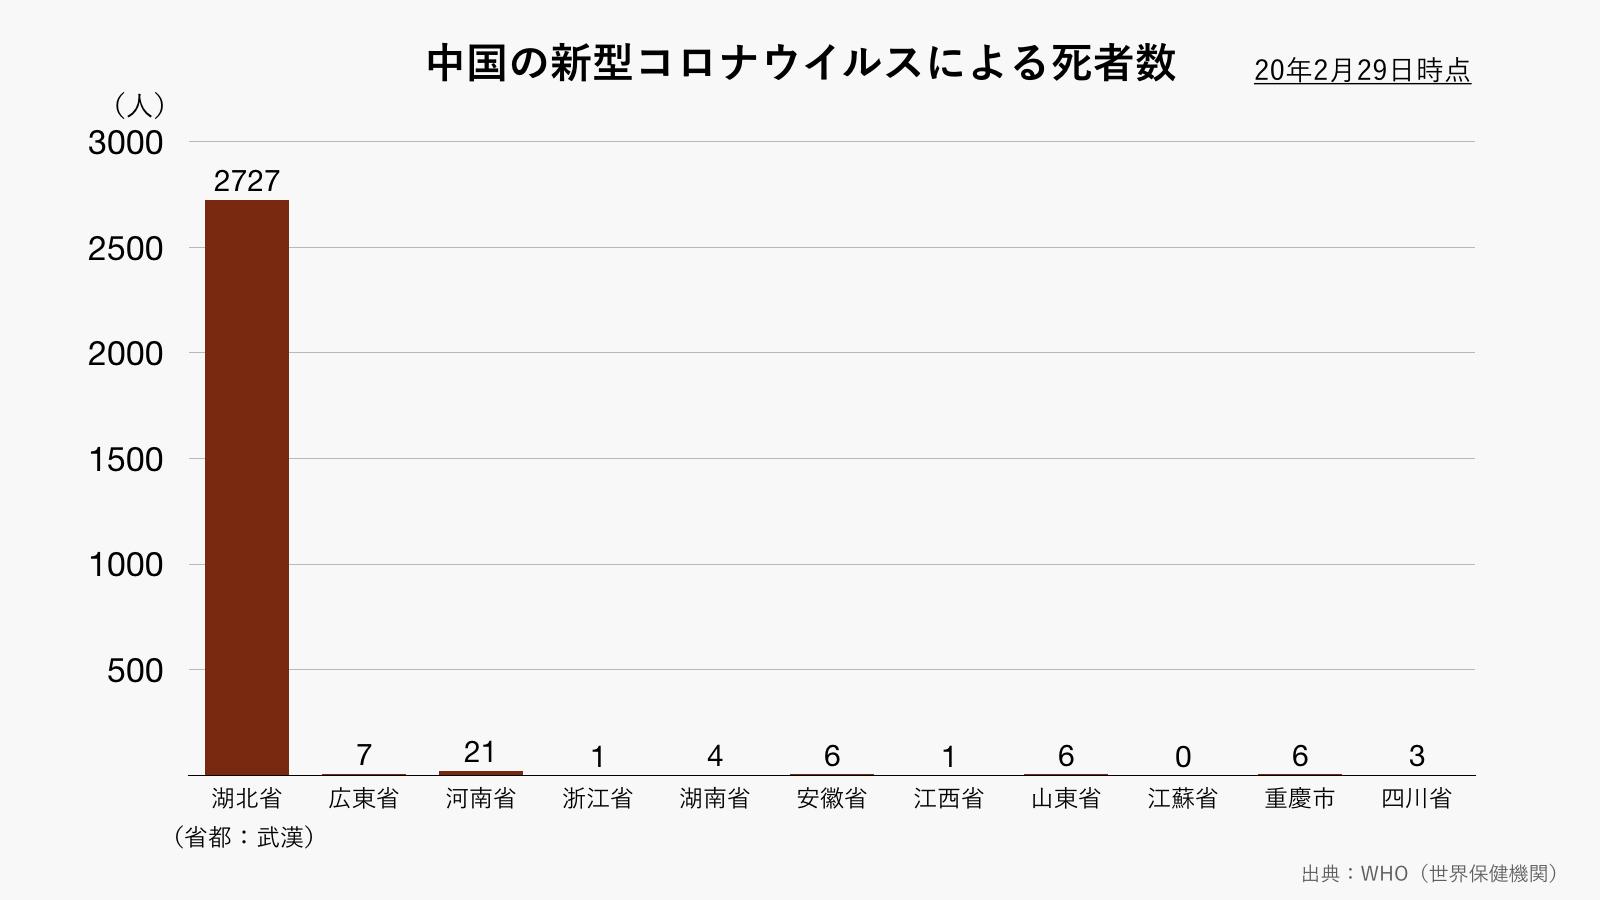 中国の新型コロナウイルスによる死者数(グレー)